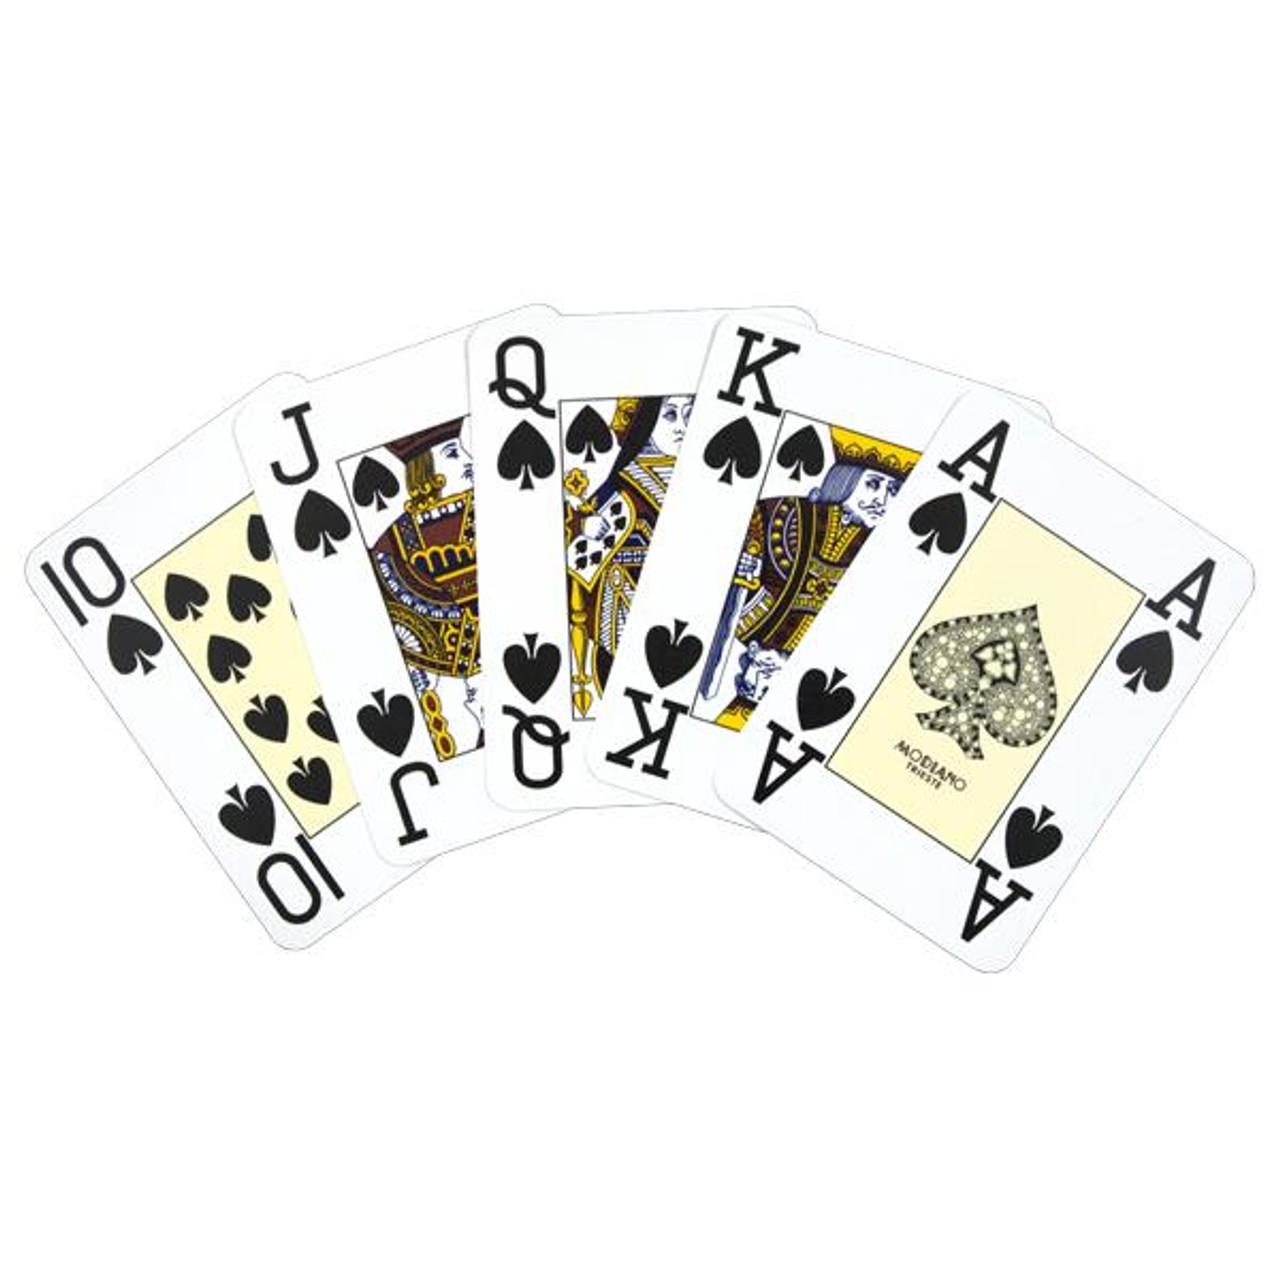 Carti profesionale de poker MODIANO 100% plastic cu index mare pe 4 colturi portocaliu